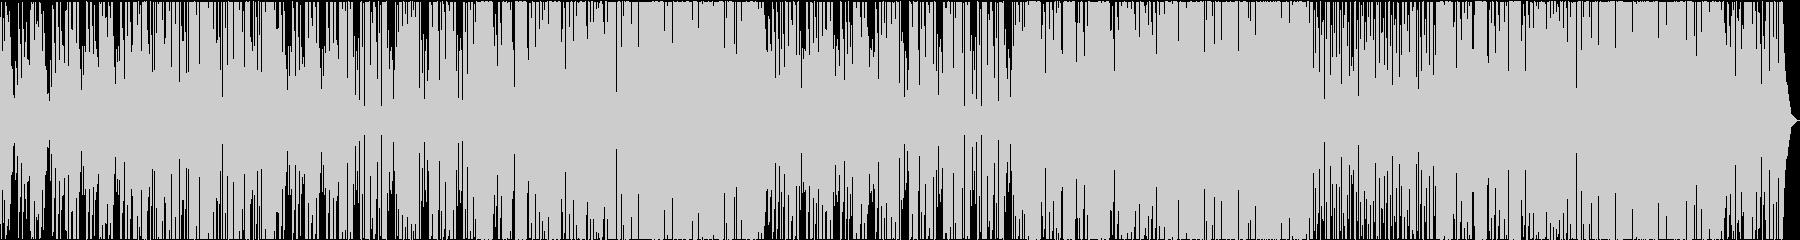 爽やかな午後を彩るサックスメロディの音楽の未再生の波形